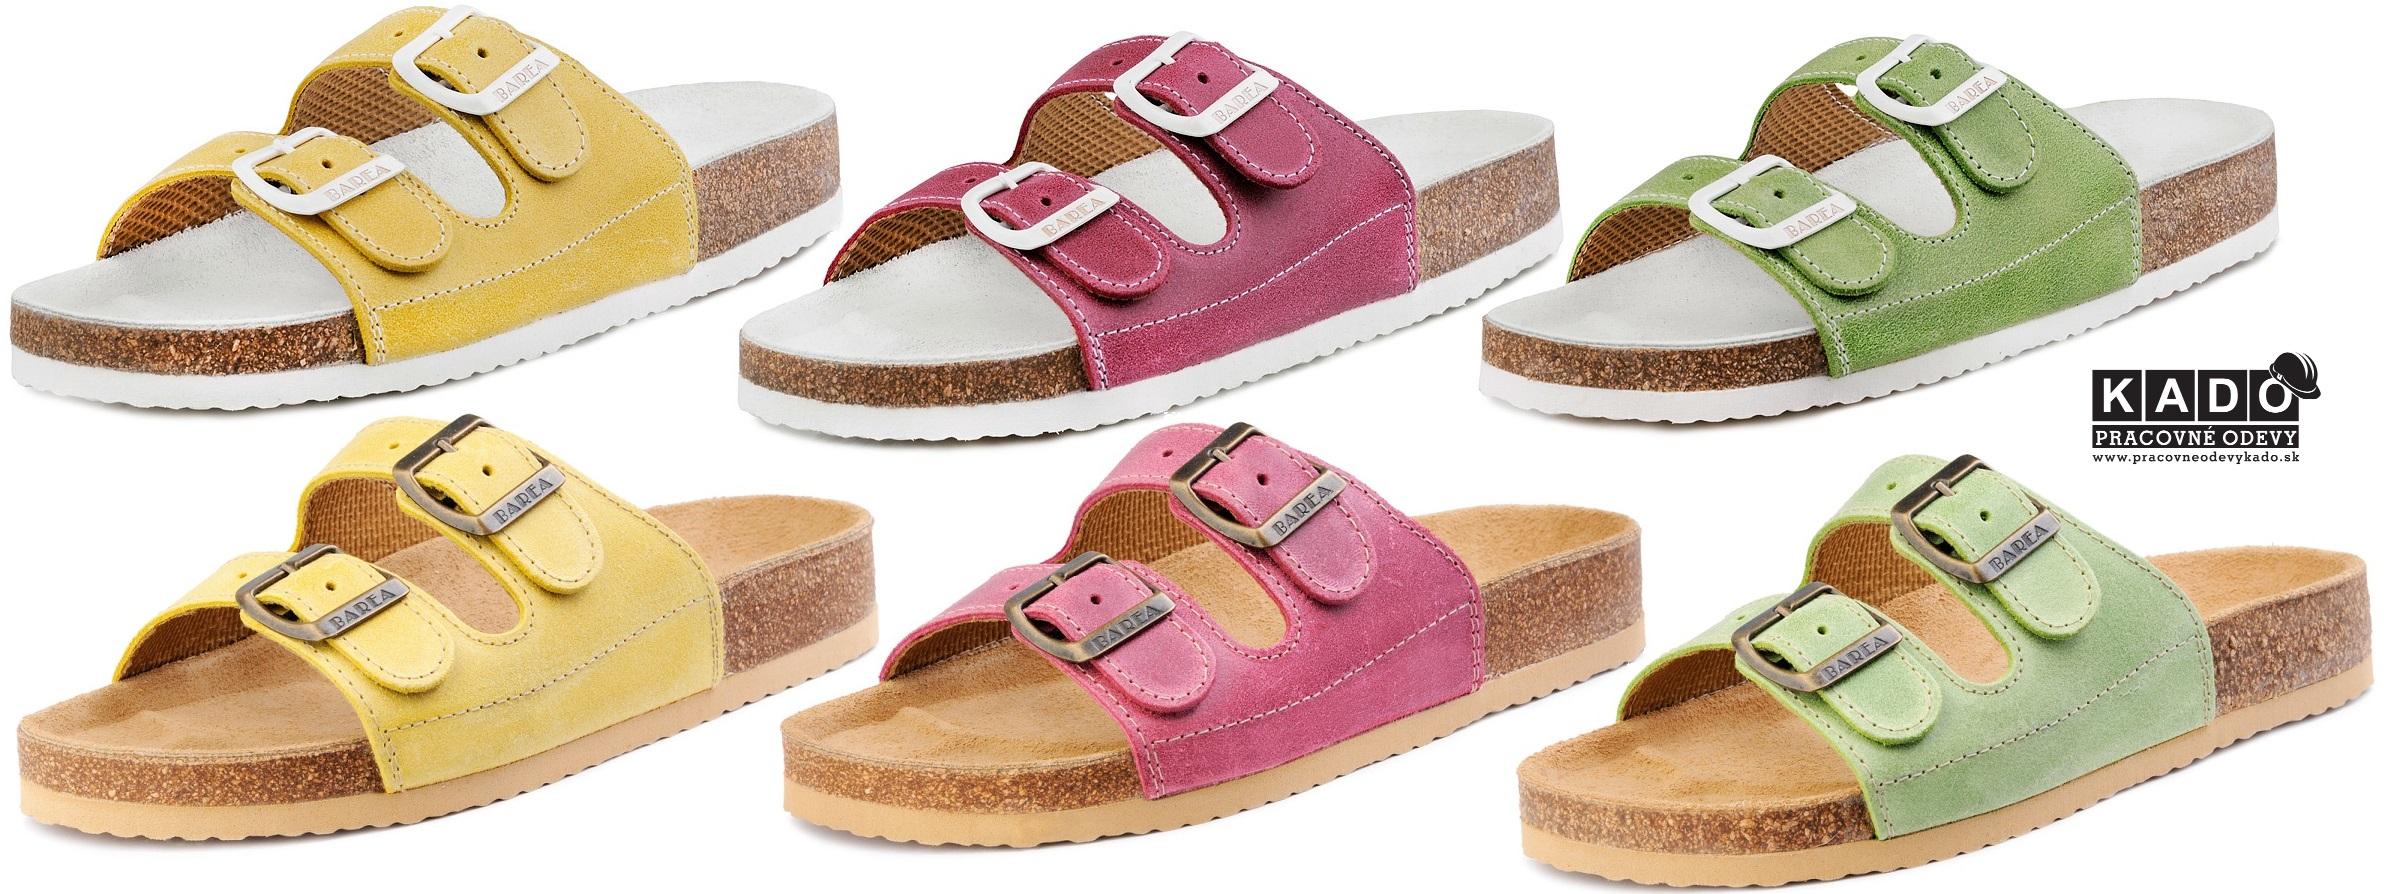 b05e669b1242 Zdravotná obuv-ortopedické šľapky 053 BAREA FAREBNÉ